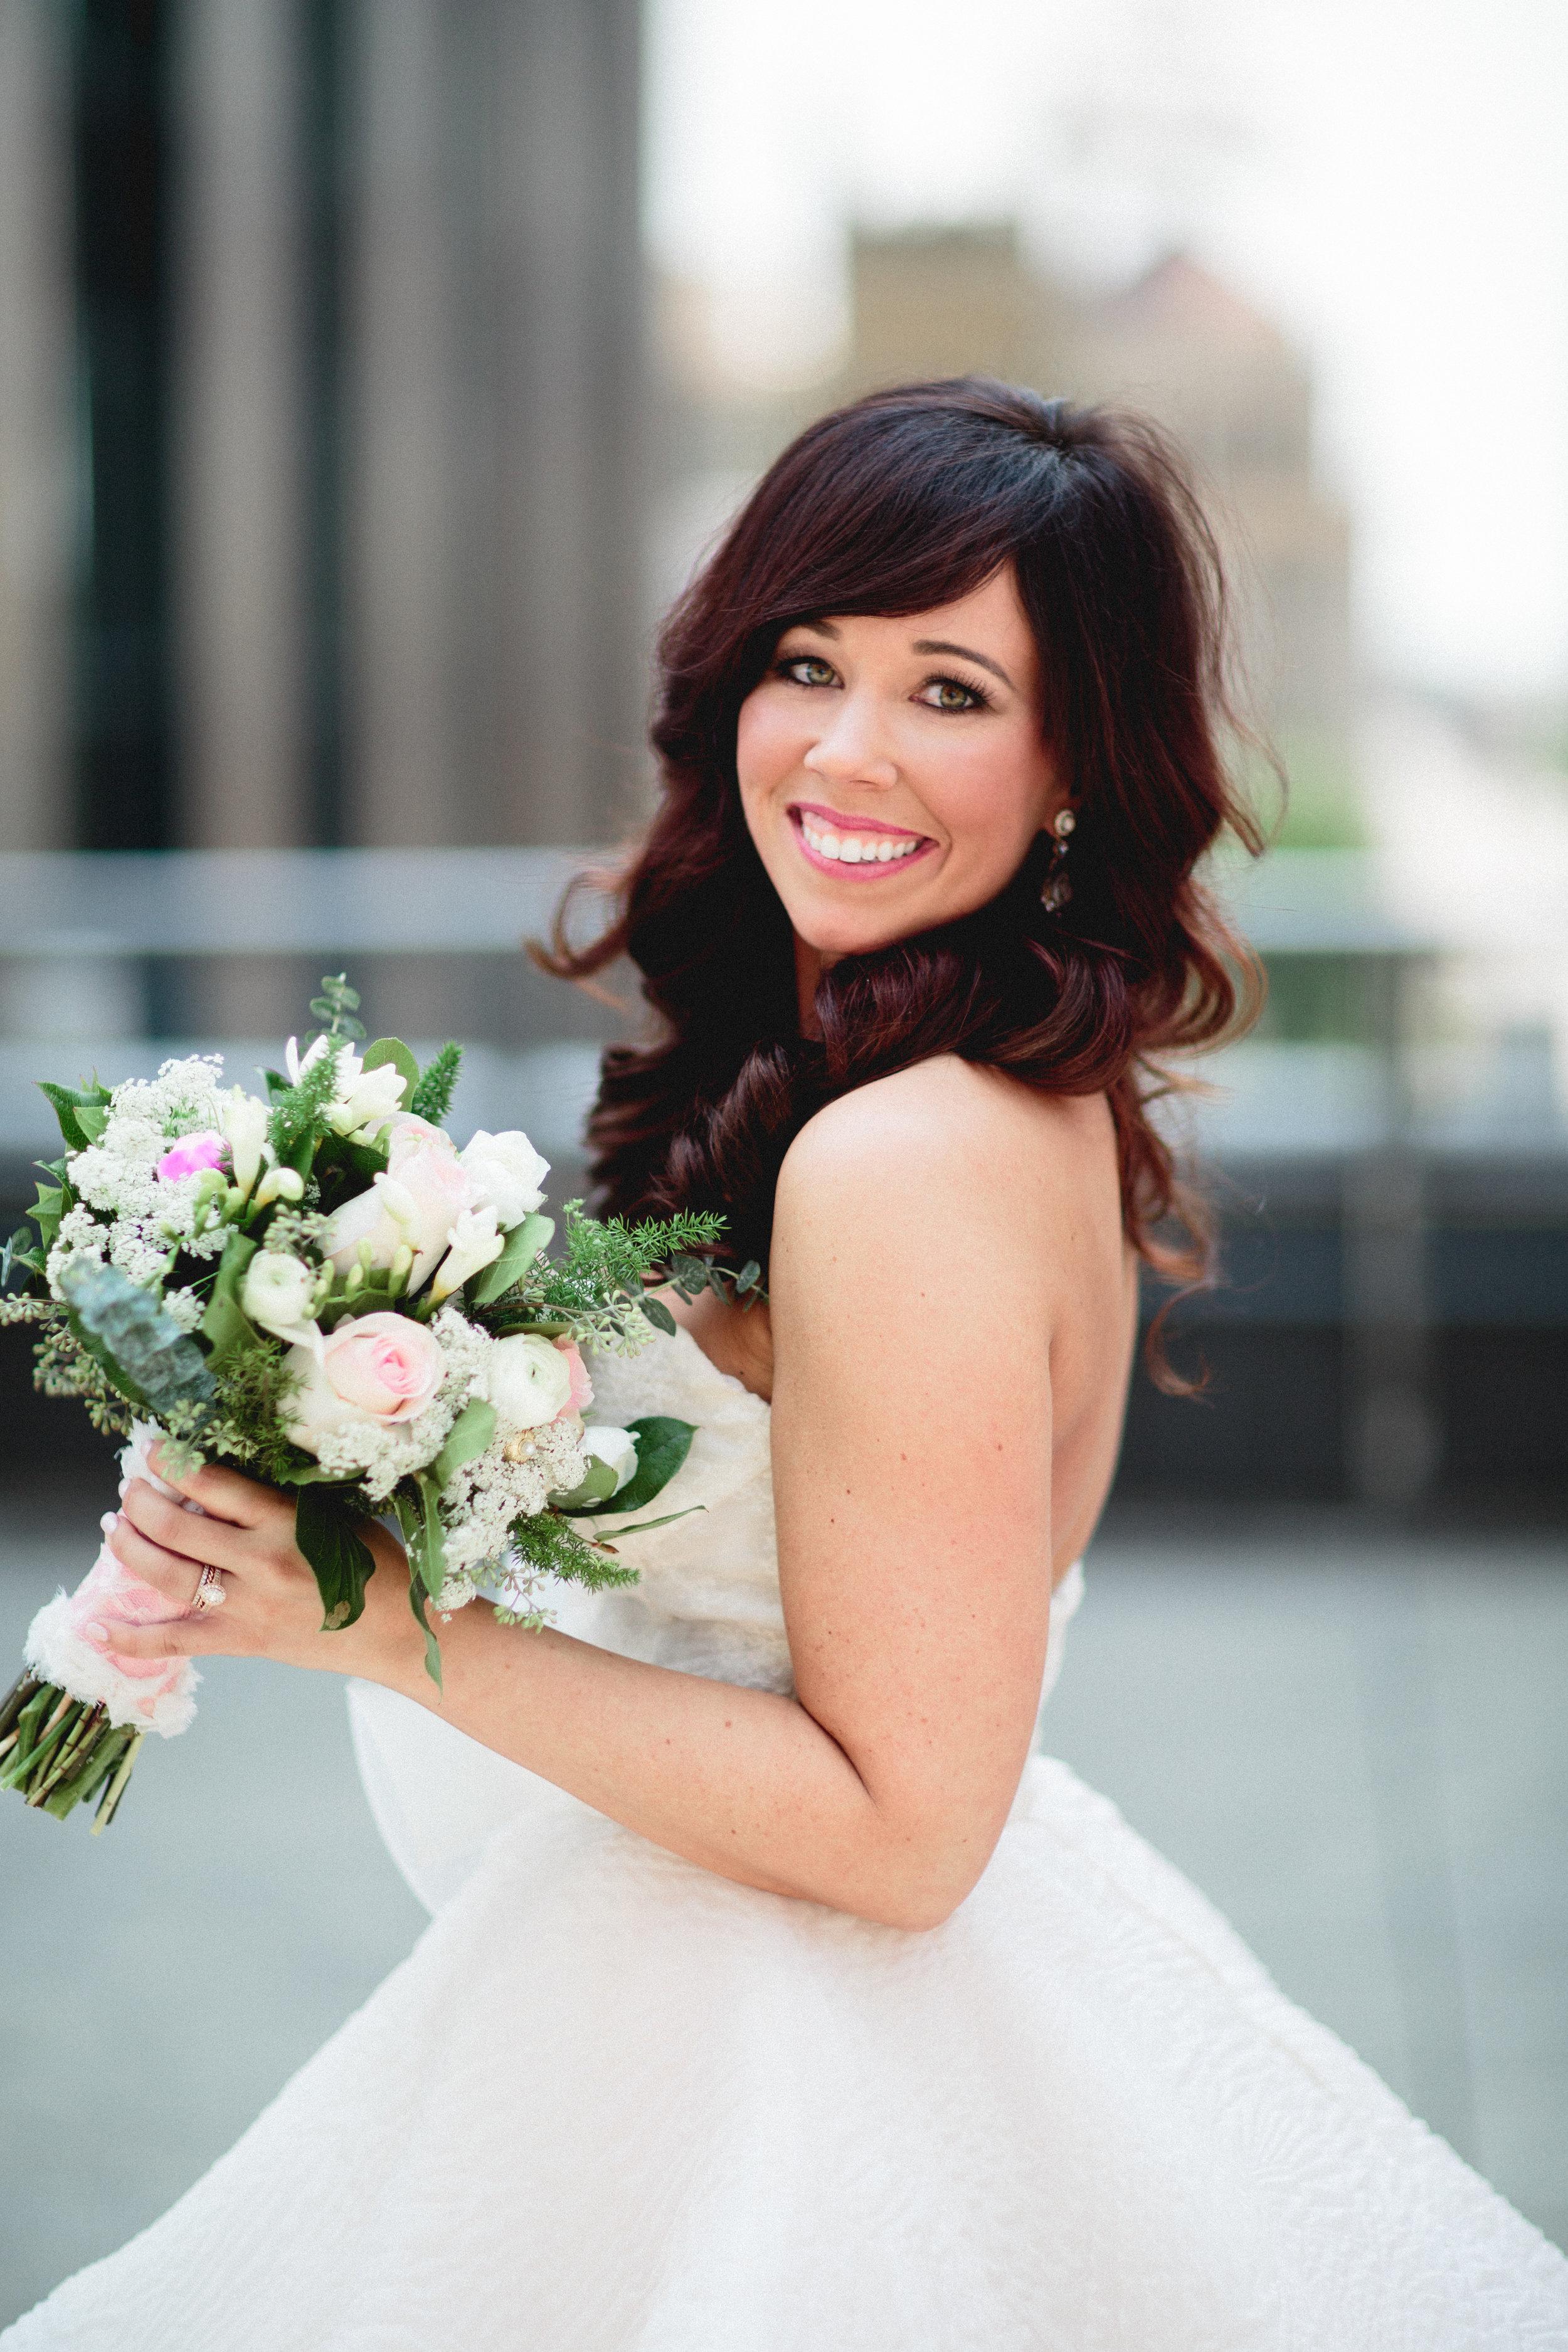 Bride Photographer Columbus Ohio